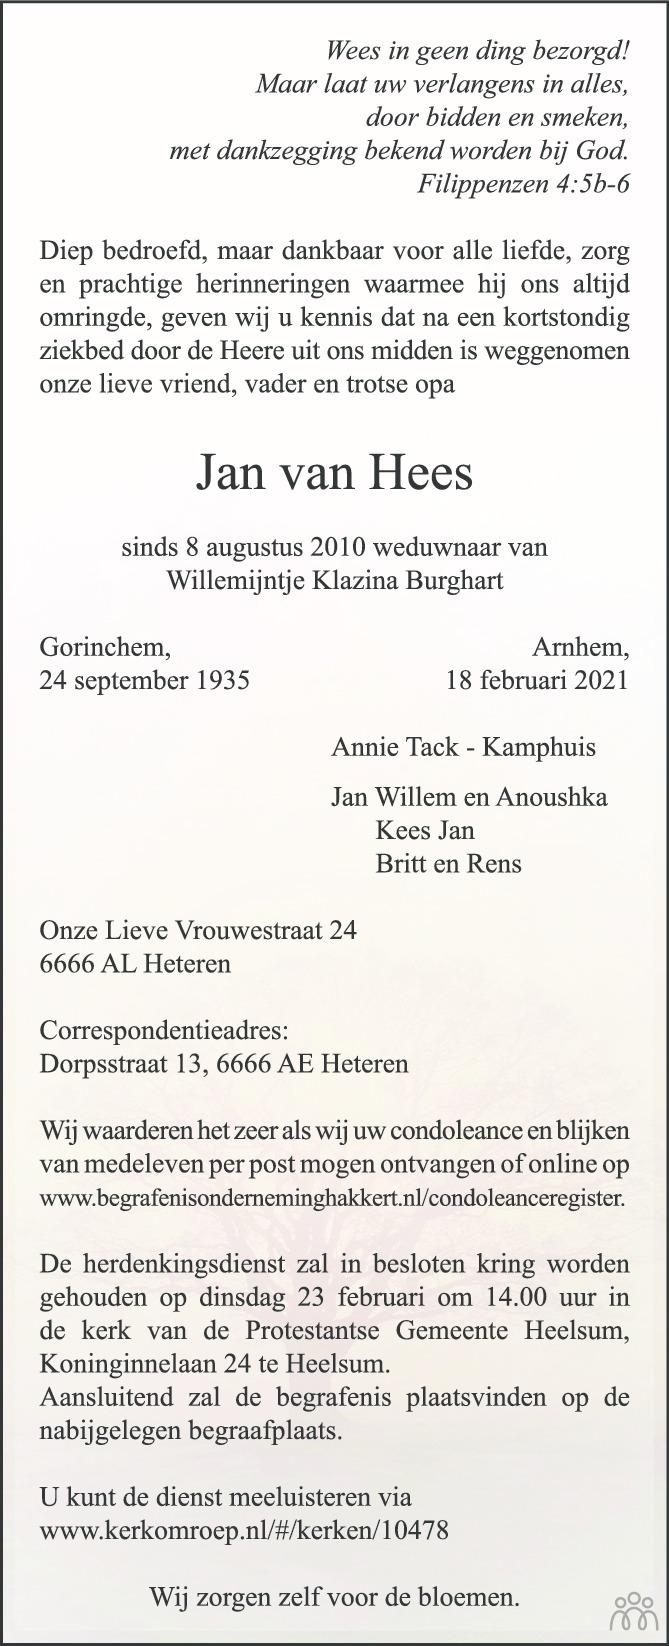 Overlijdensbericht van Jan van Hees in de Gelderlander